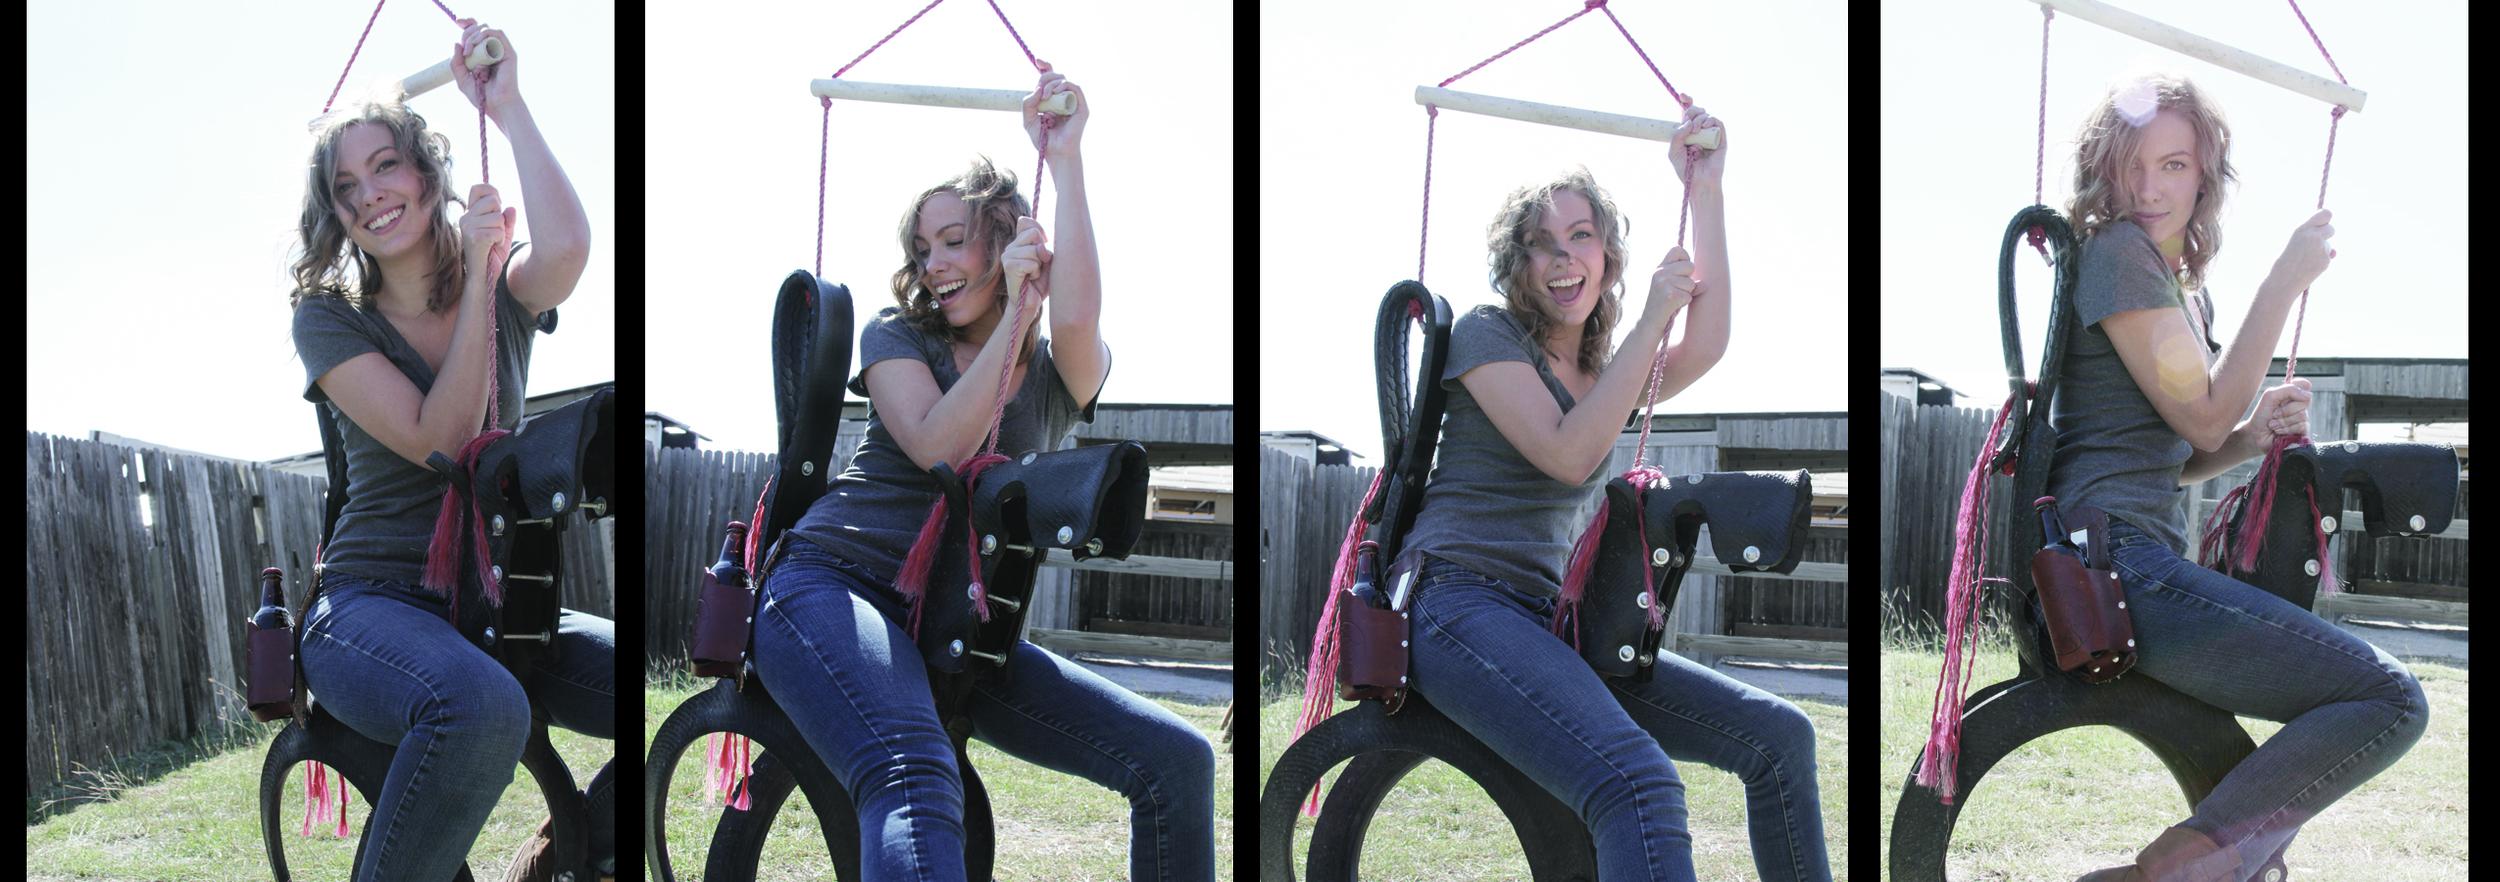 Kelsey_series.jpg